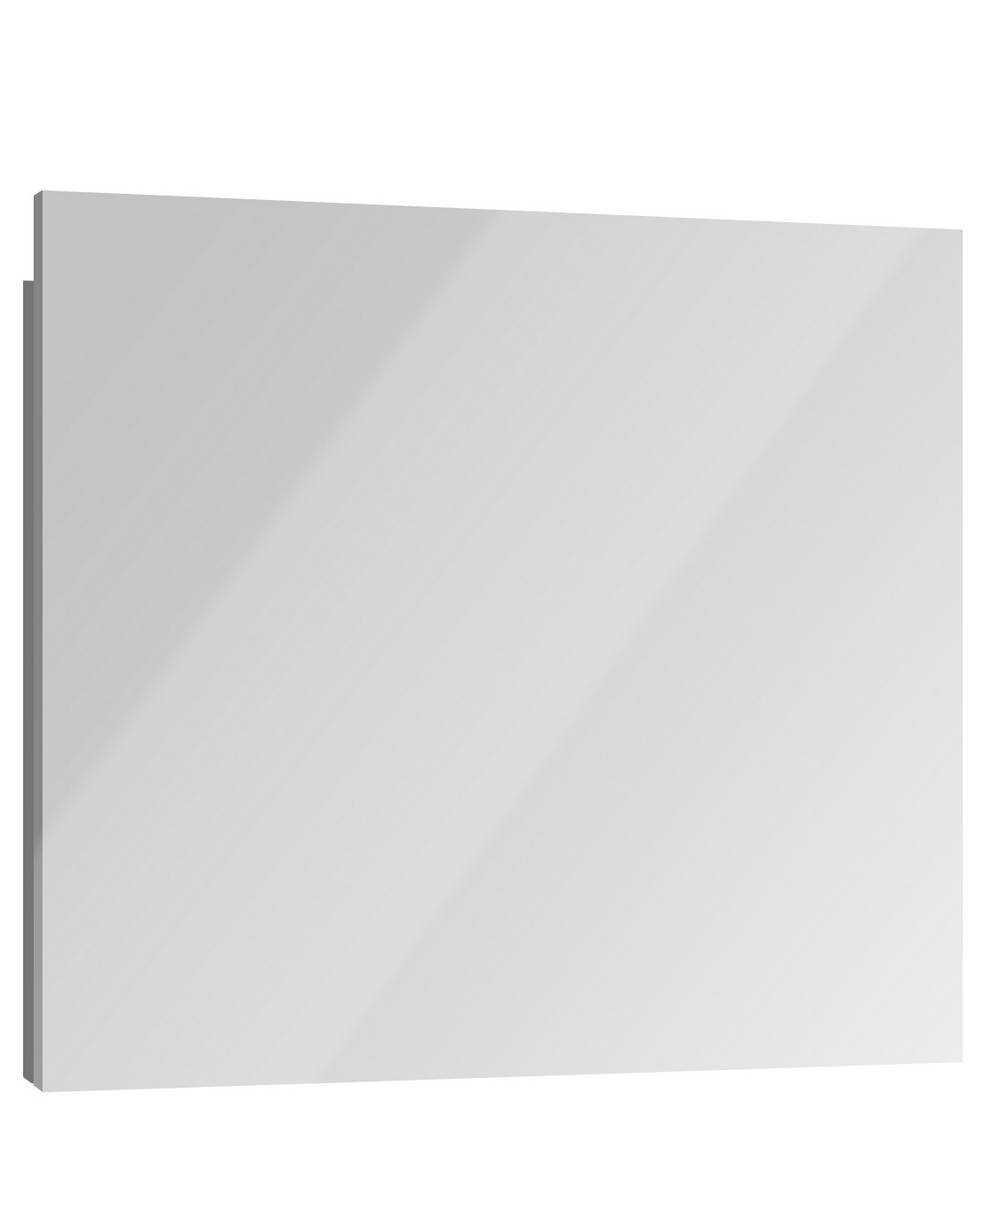 DEKO Spiegel 80 cm